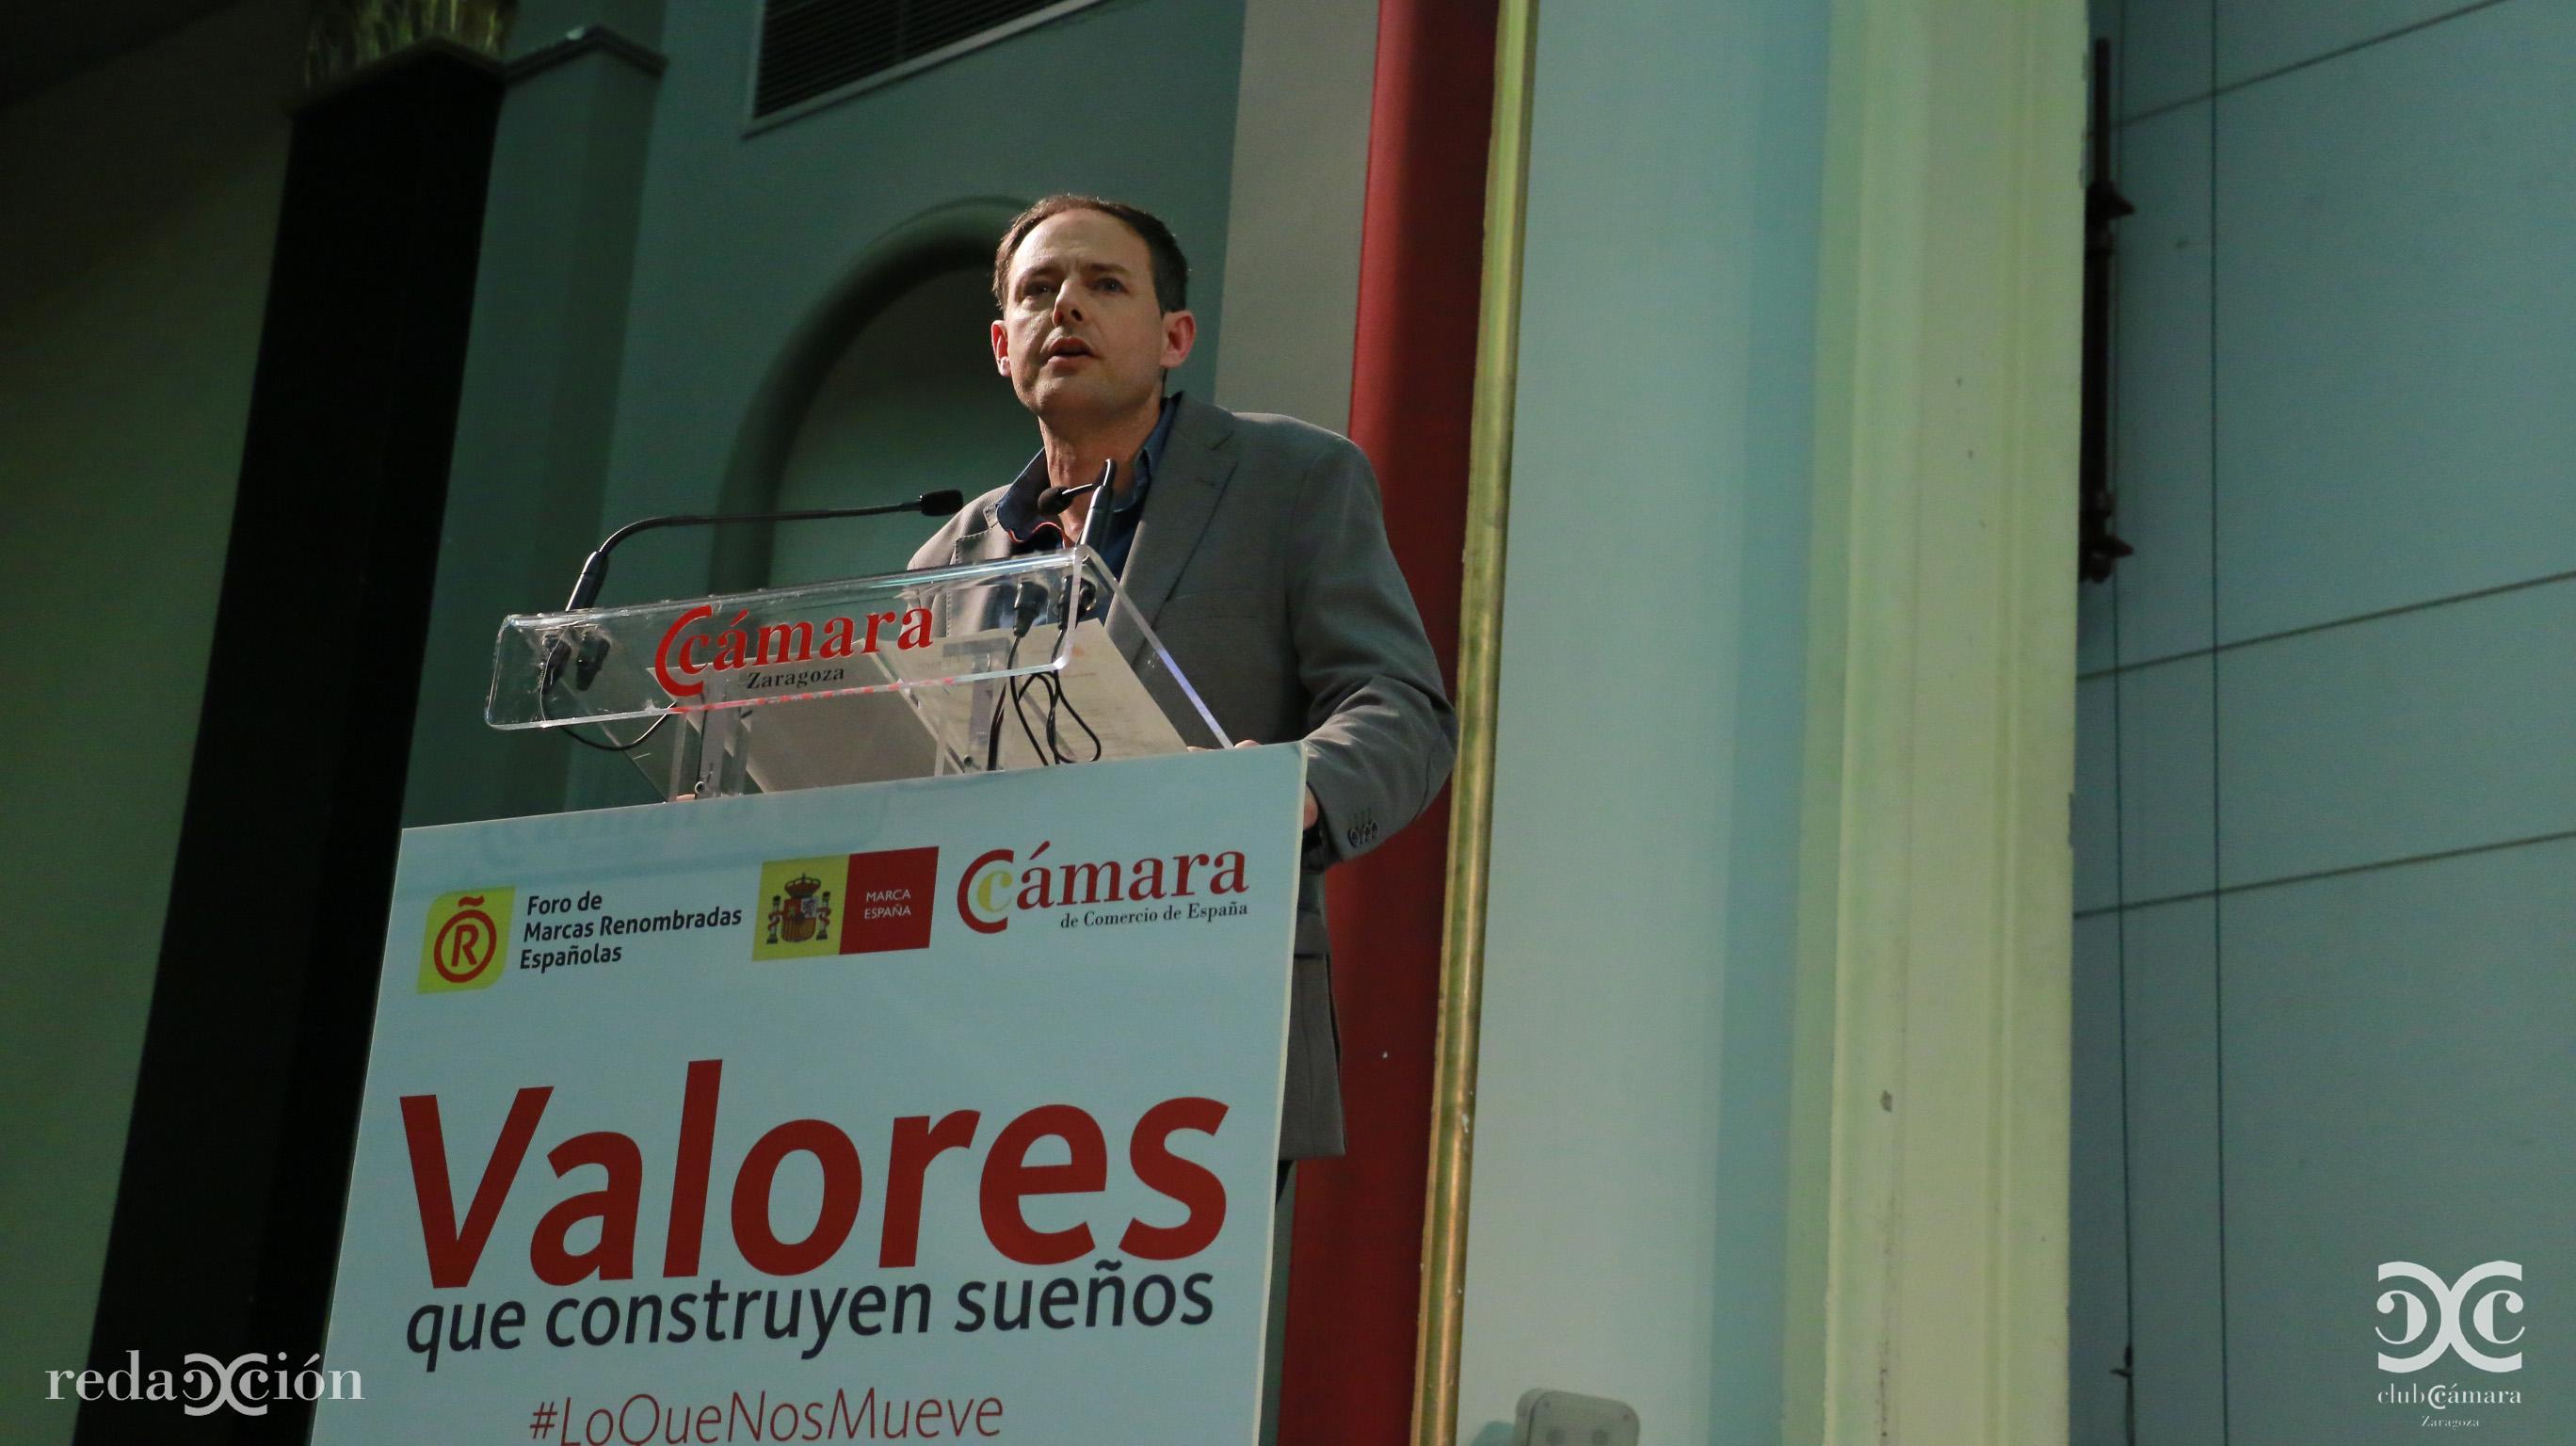 Antonio Martínez Ramos